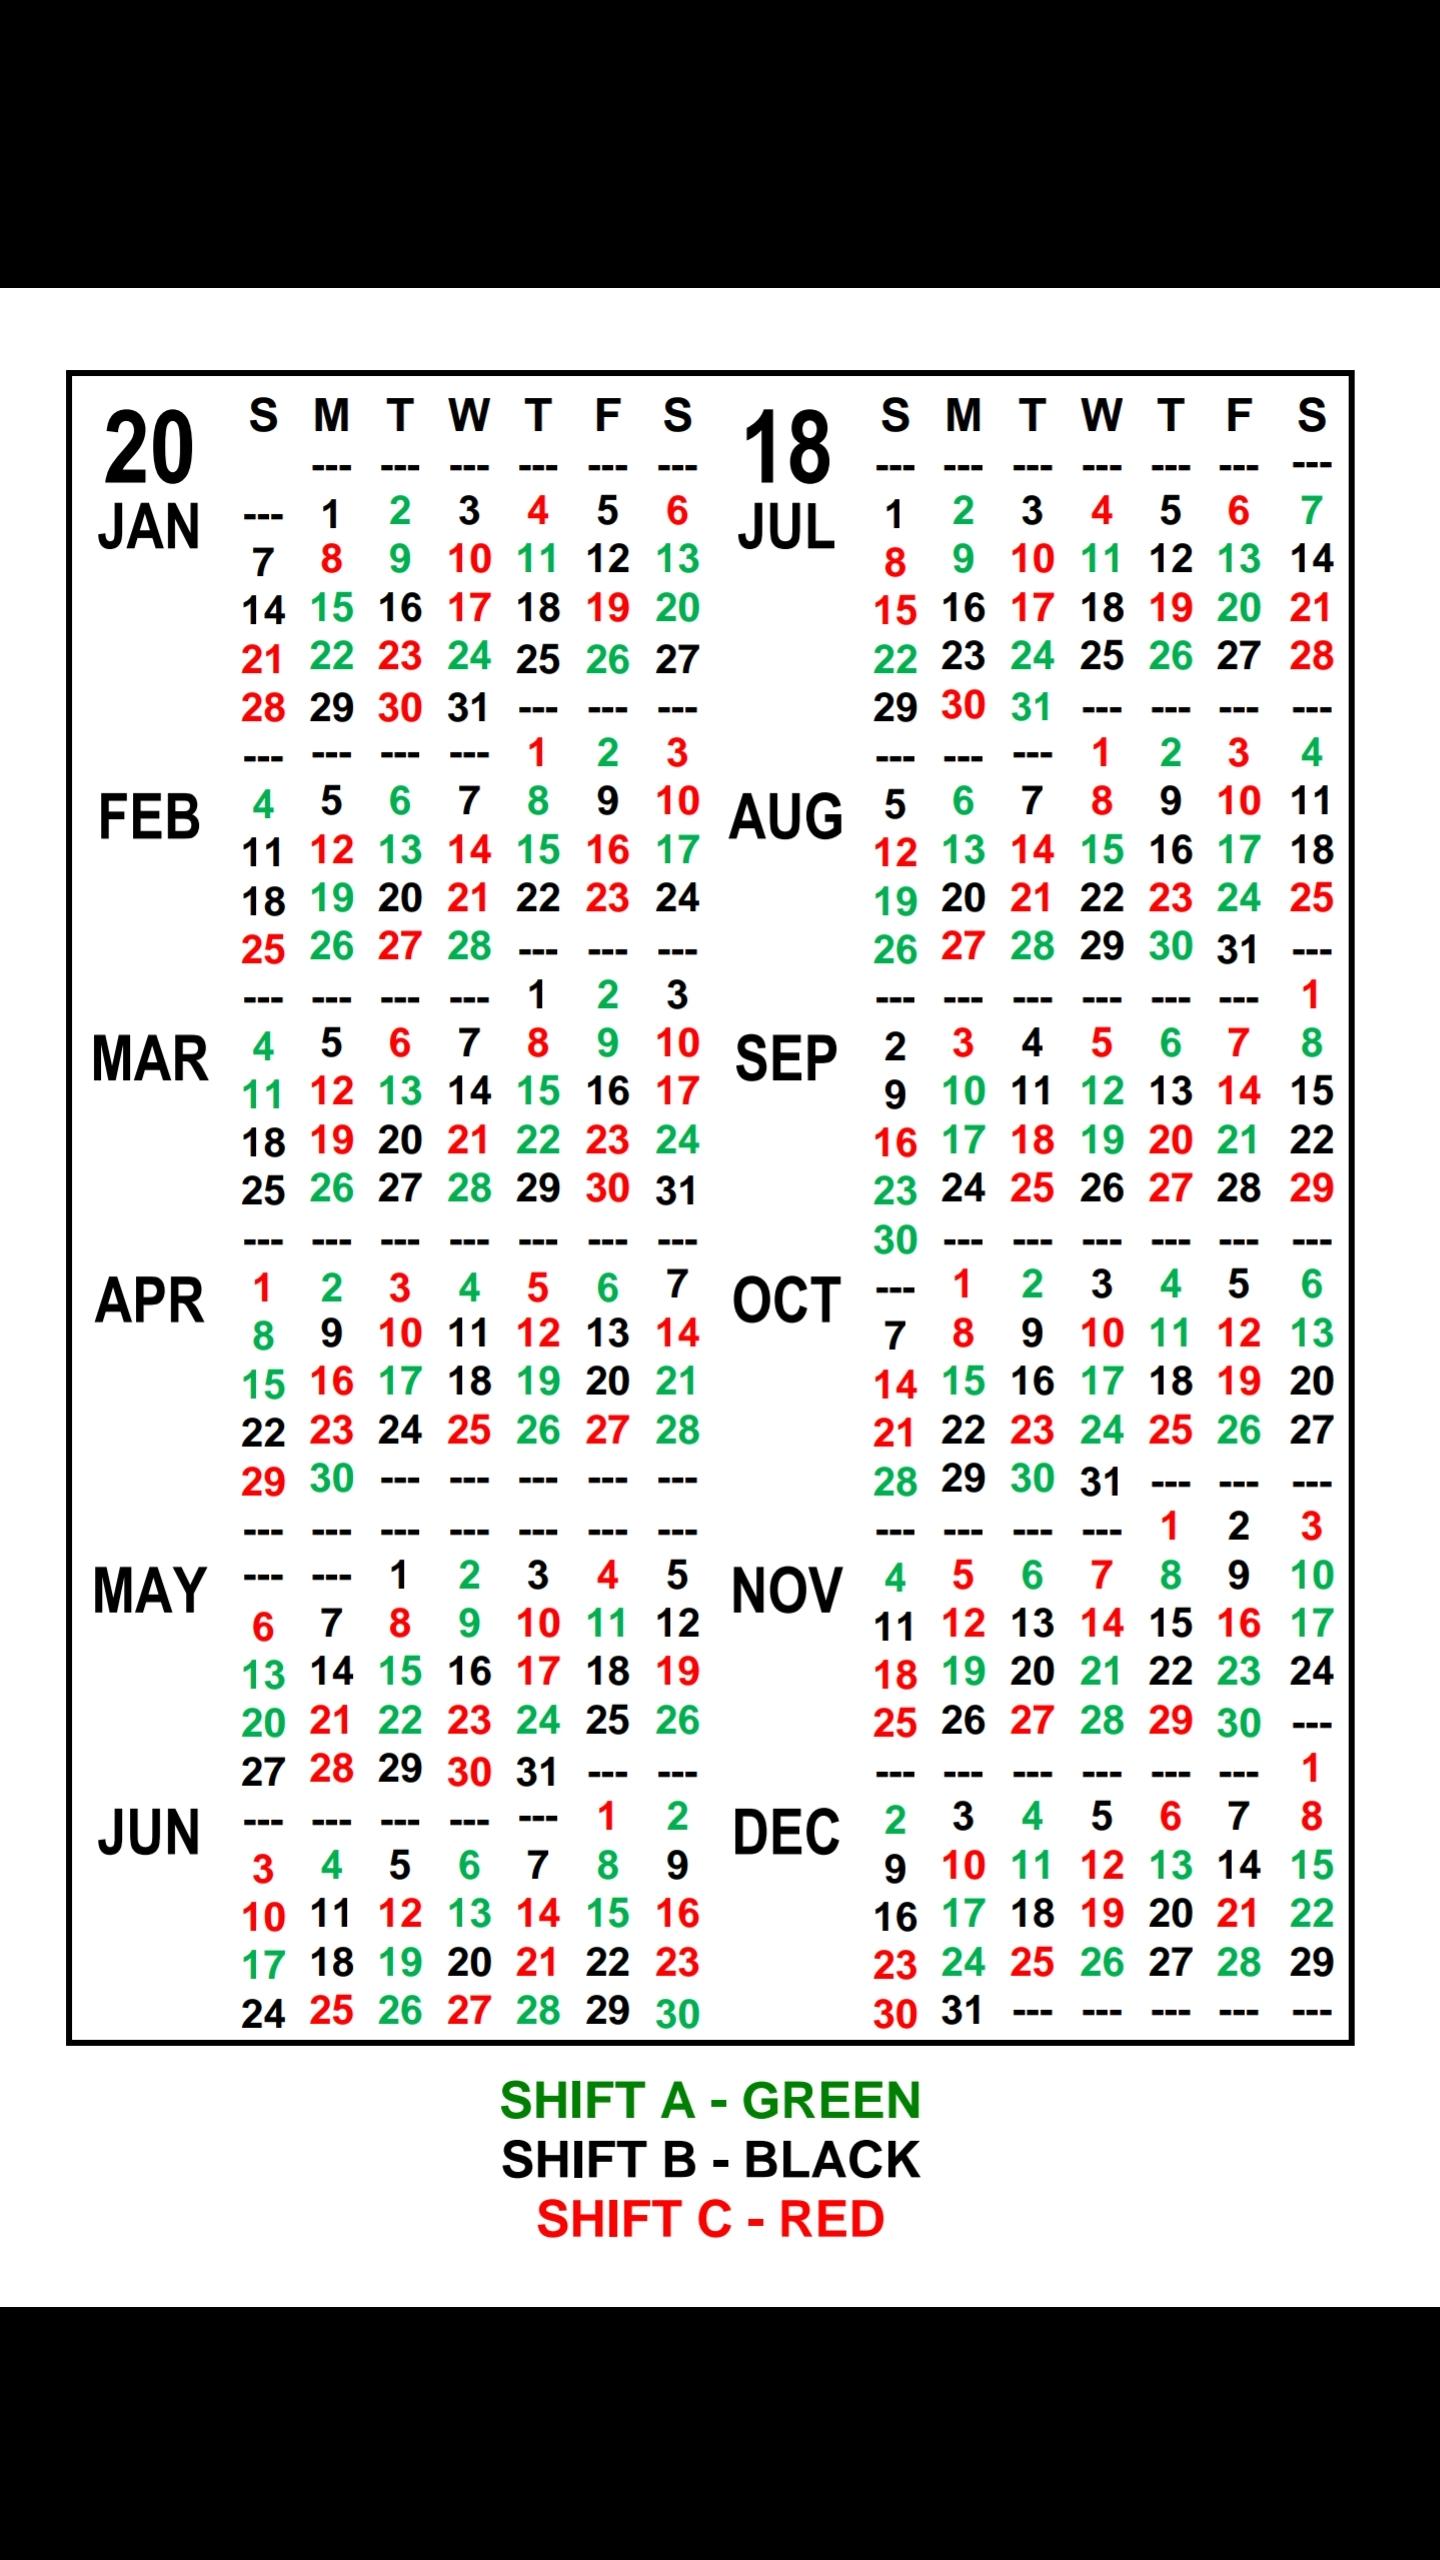 Child Custody Arrangements : Firefighting for Fire Dept Shift Calendar 24/48